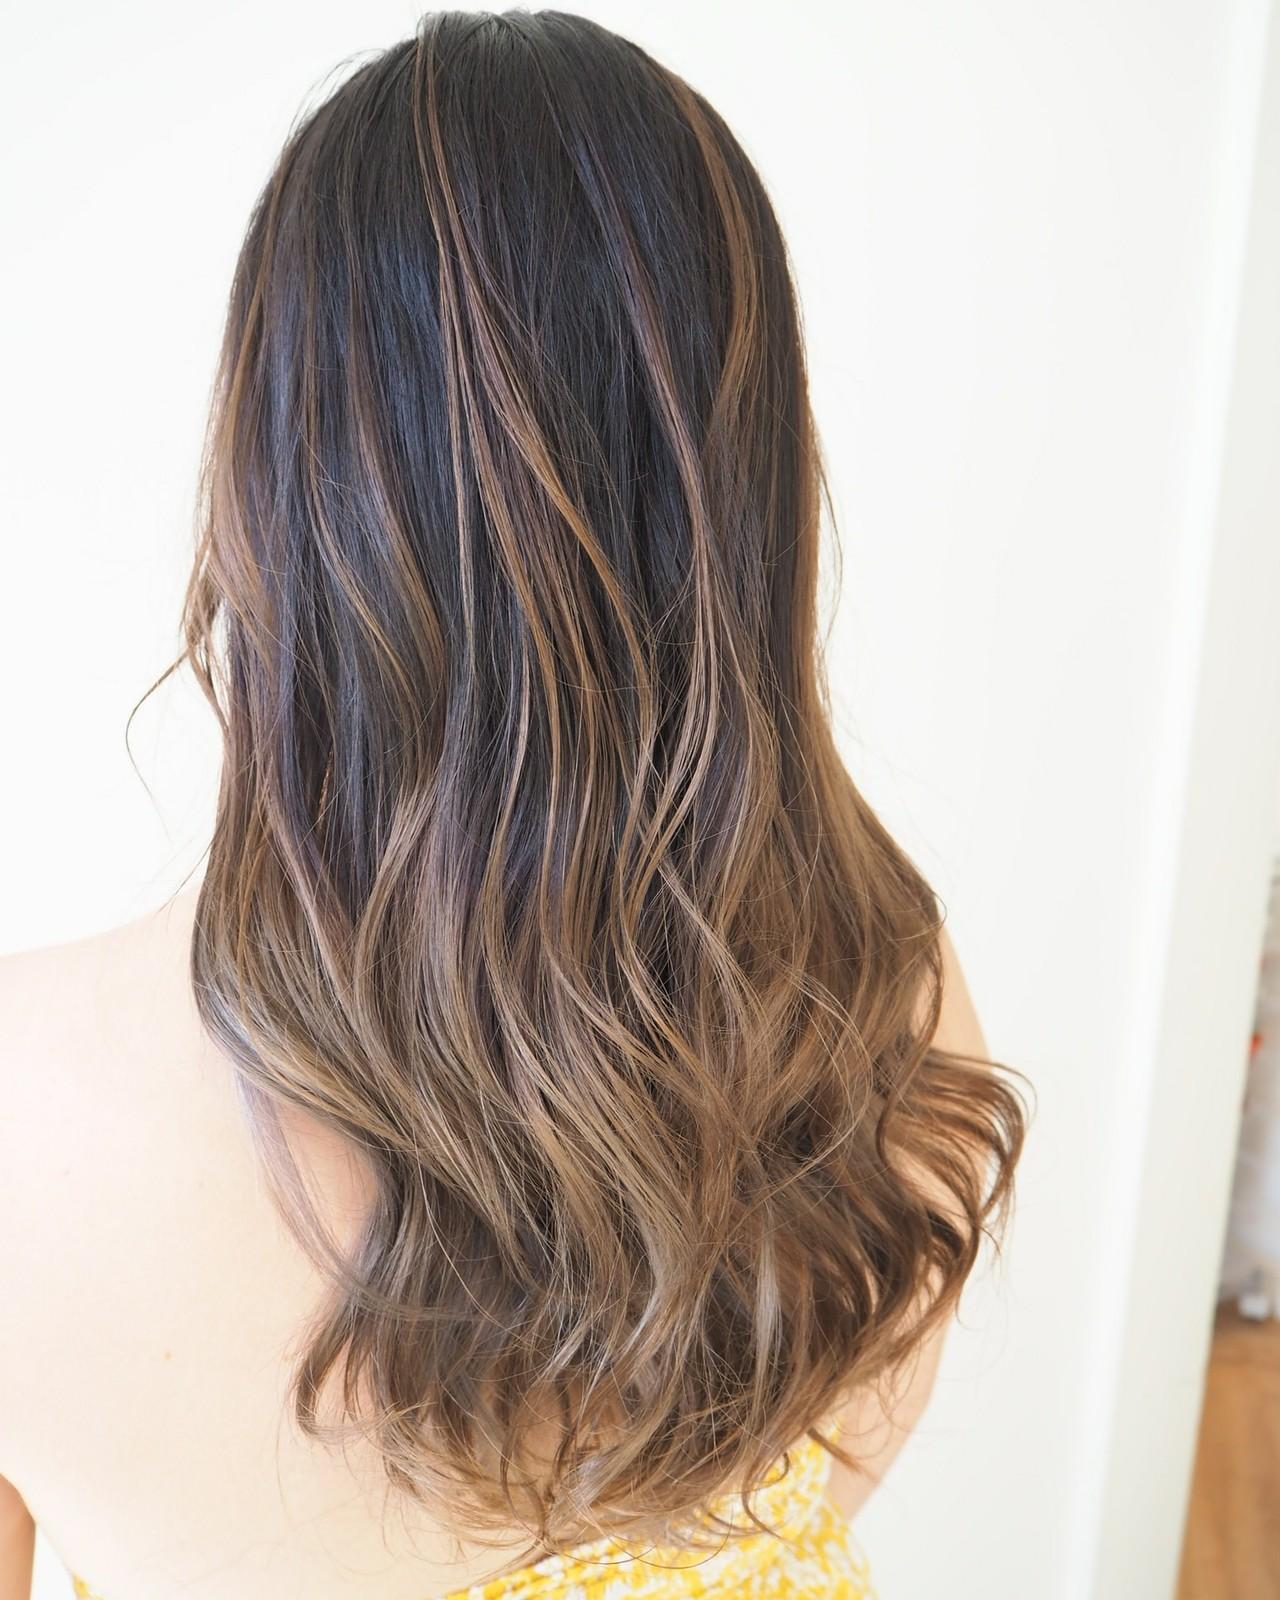 ミルクティーベージュ バレイヤージュ ロング 透明感カラー ヘアスタイルや髪型の写真・画像